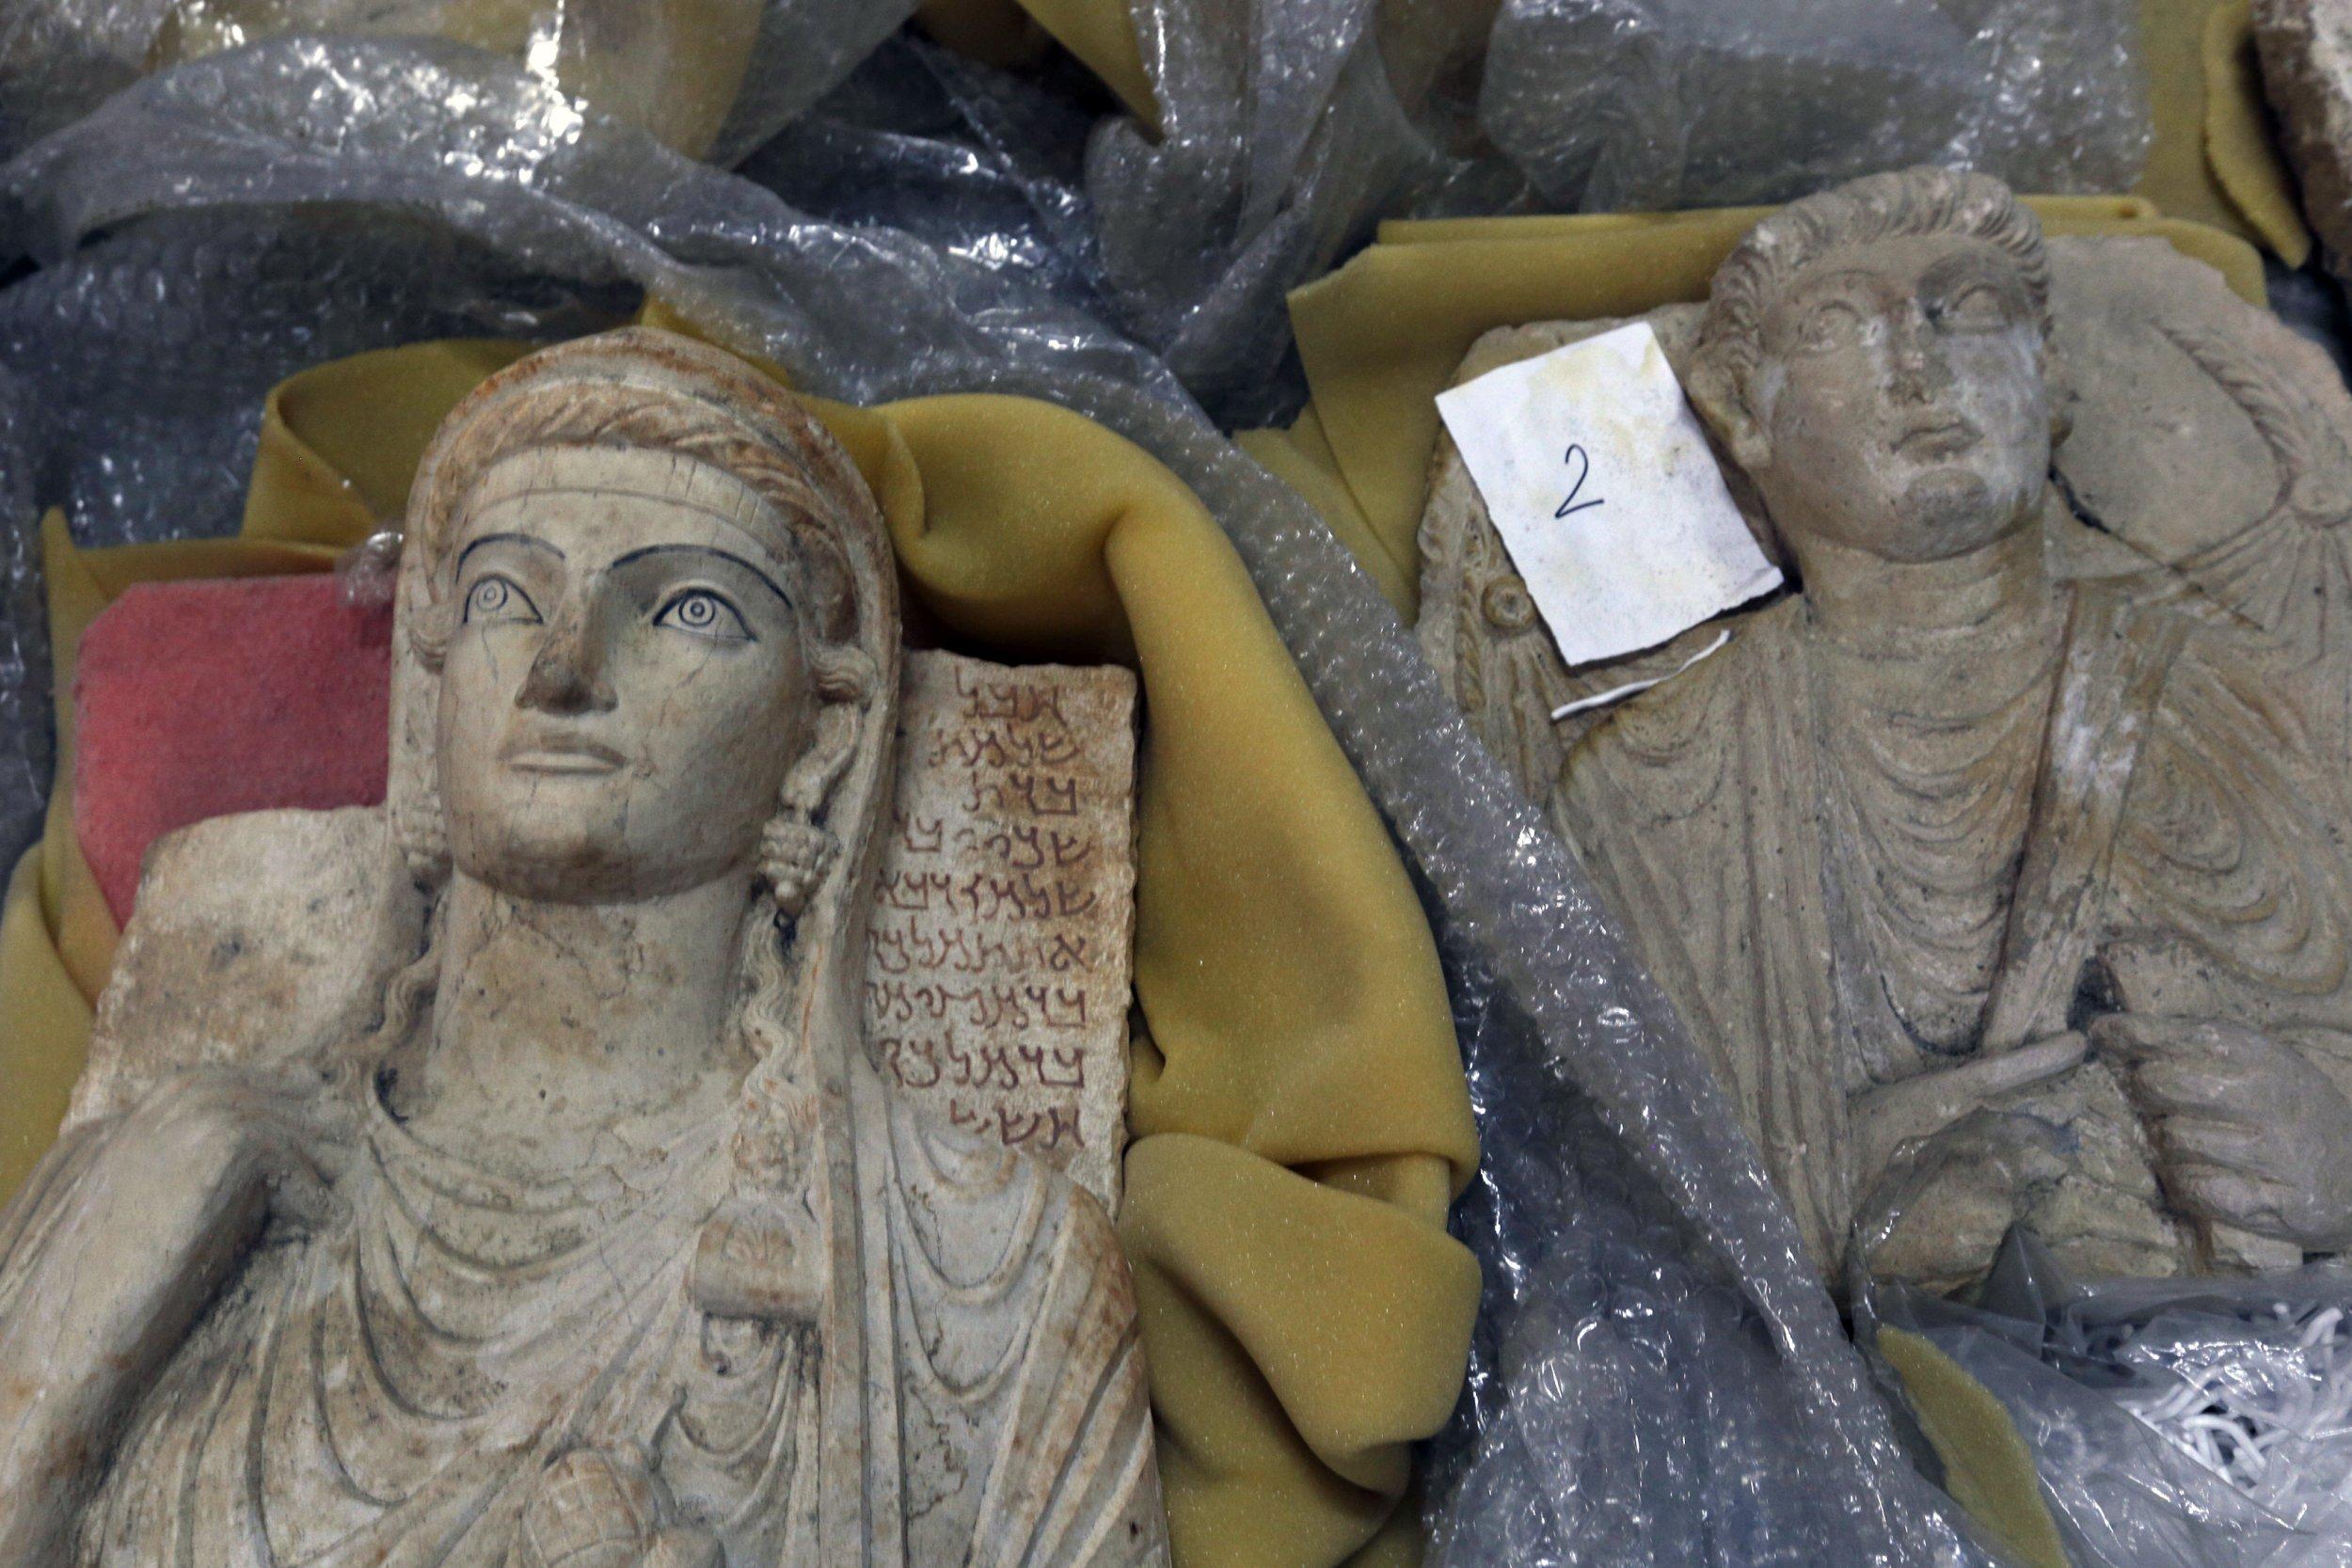 02_27_syria_antiquities_01